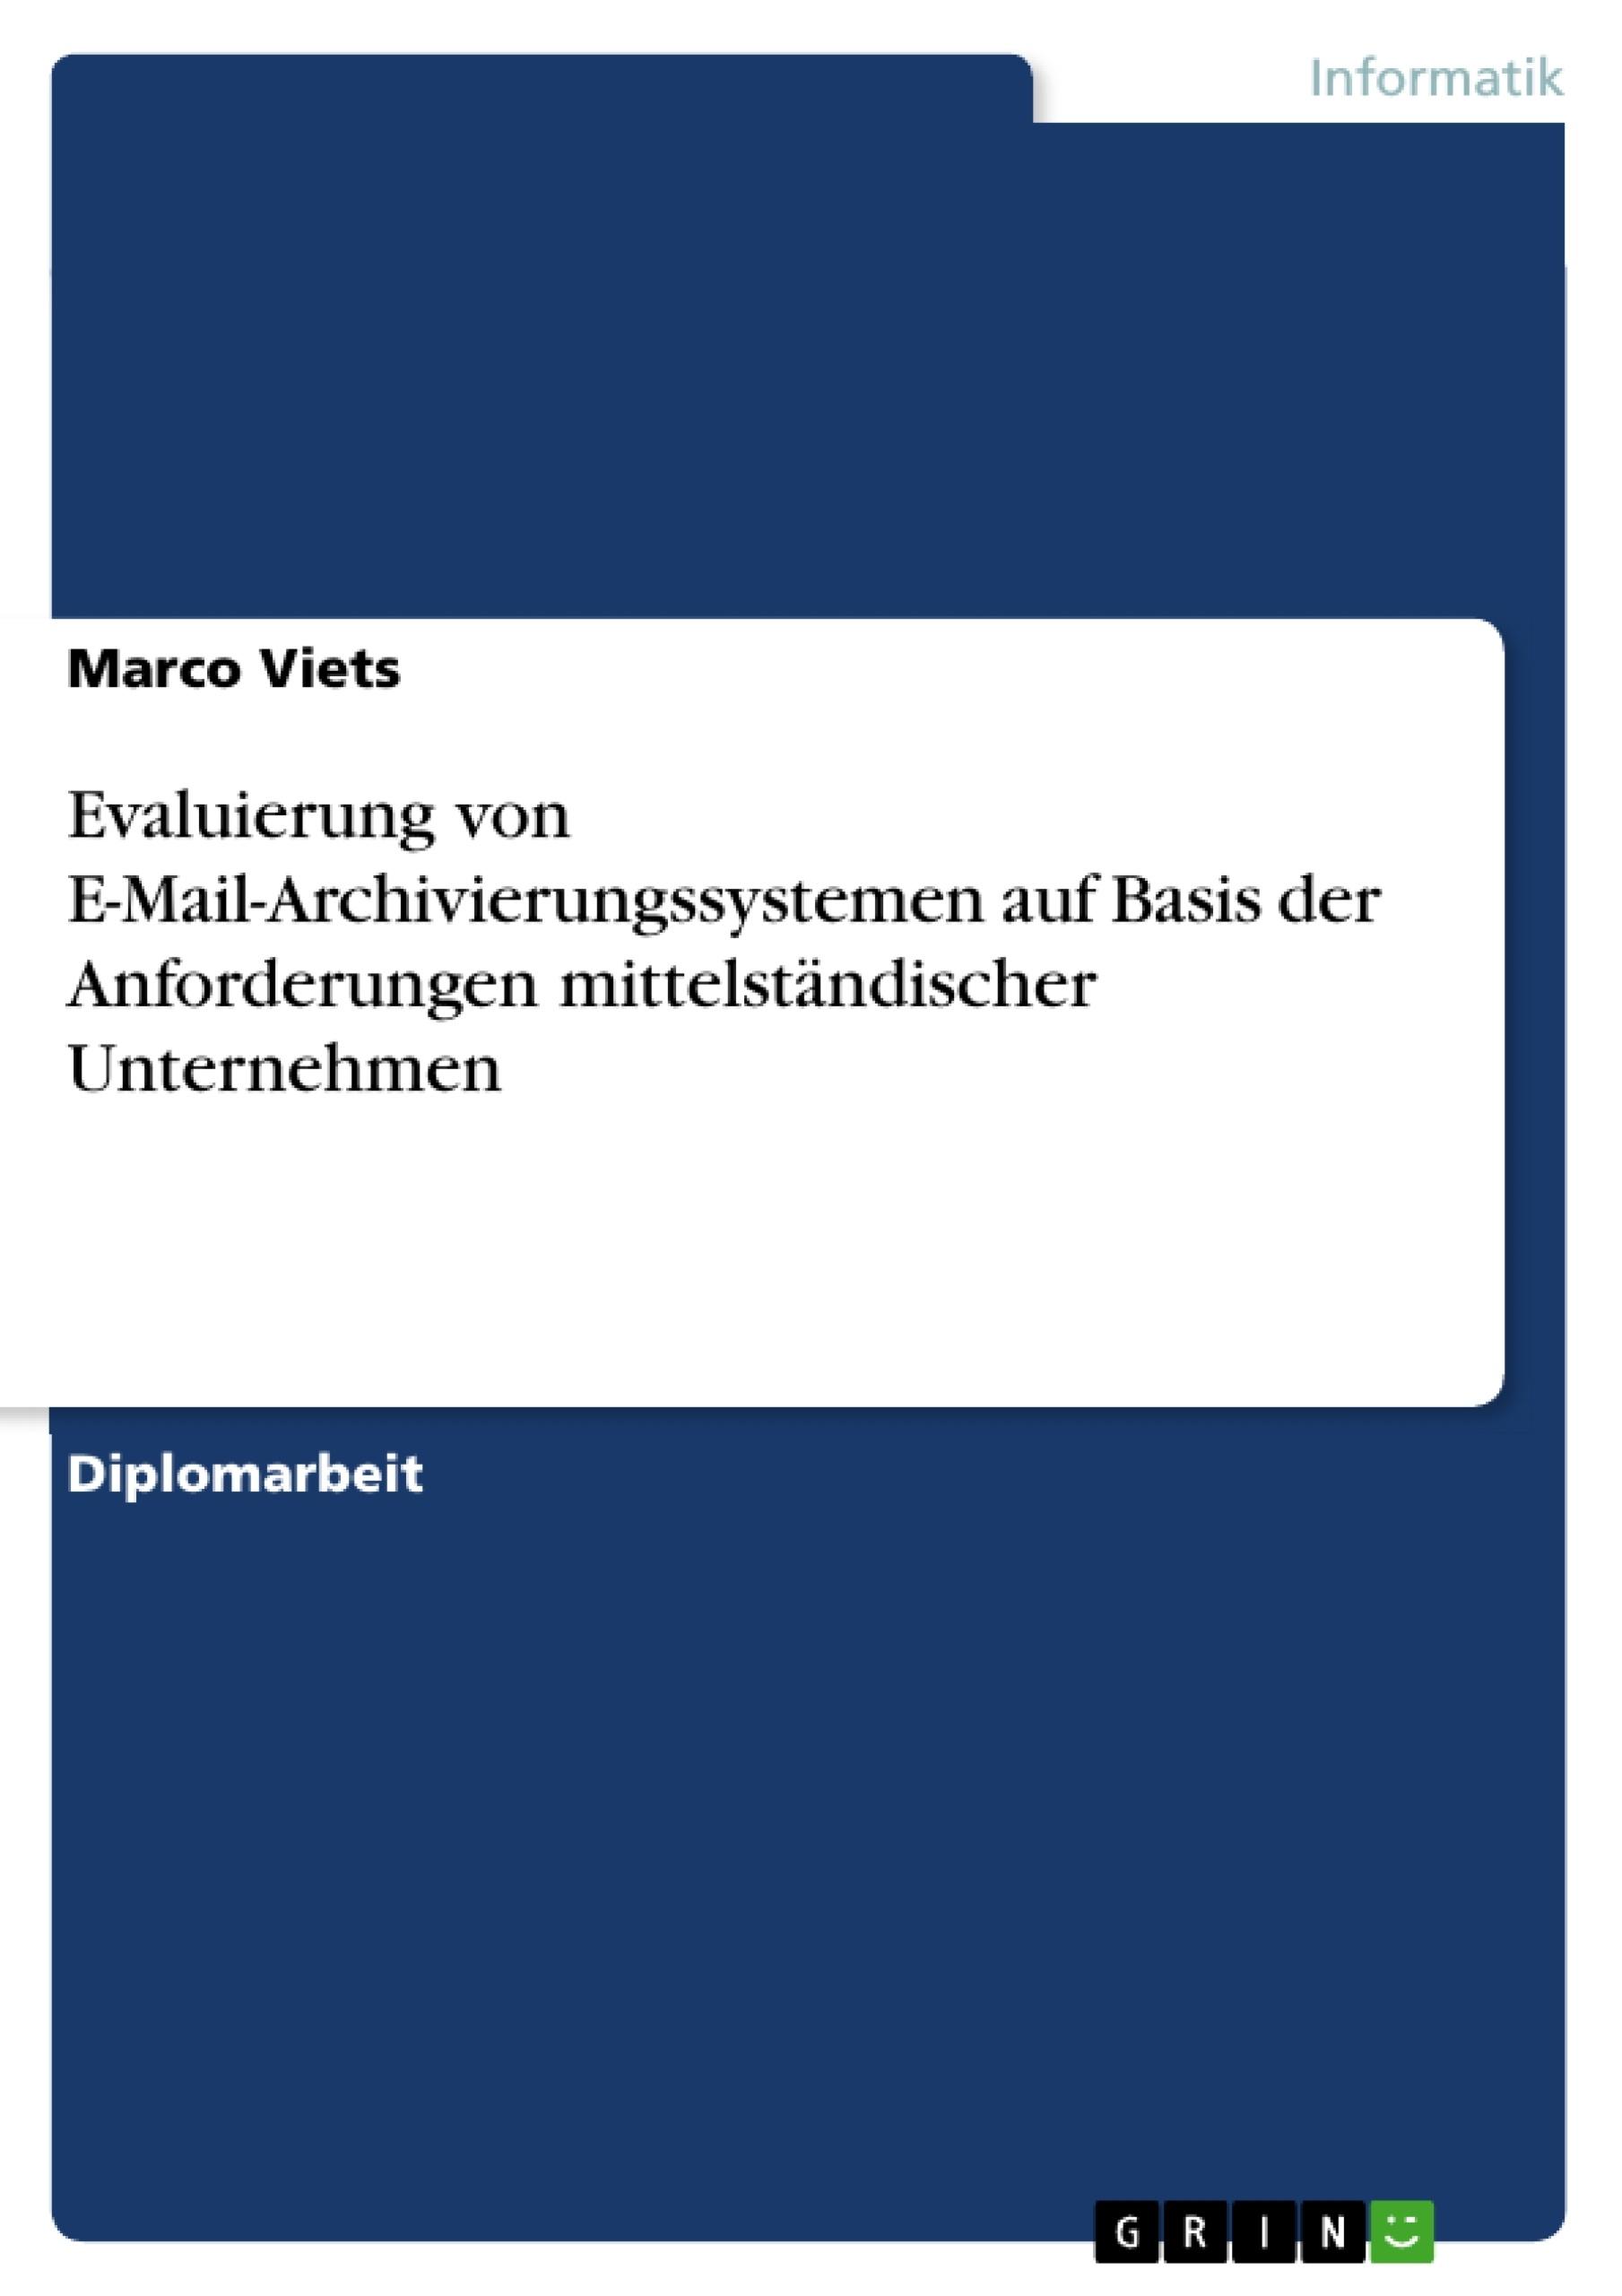 Titel: Evaluierung von E-Mail-Archivierungssystemen auf Basis der Anforderungen mittelständischer Unternehmen